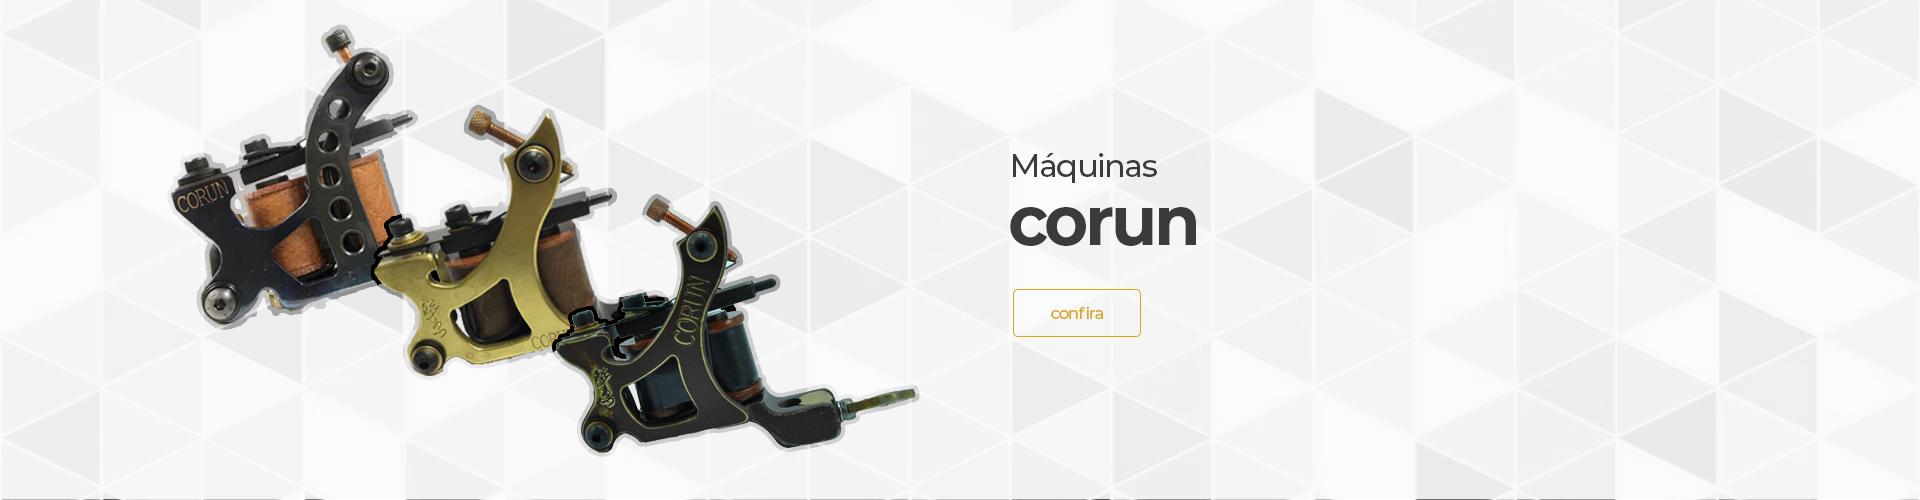 corun